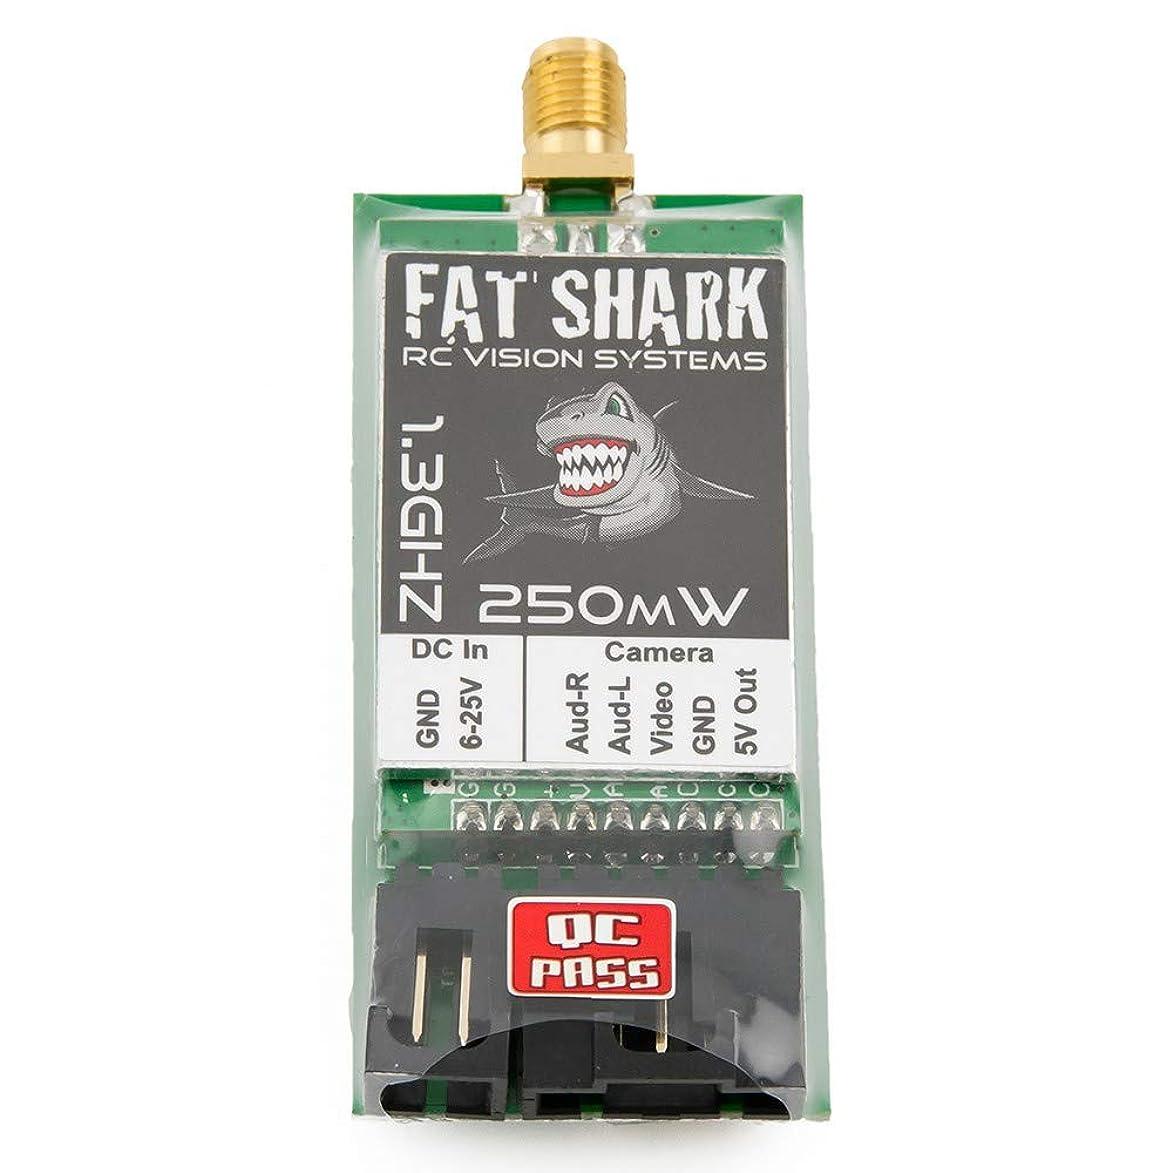 Fat Shark FSV2468-1G3 250mW TX 1.3GHz 2CH Transmitter(US Only)